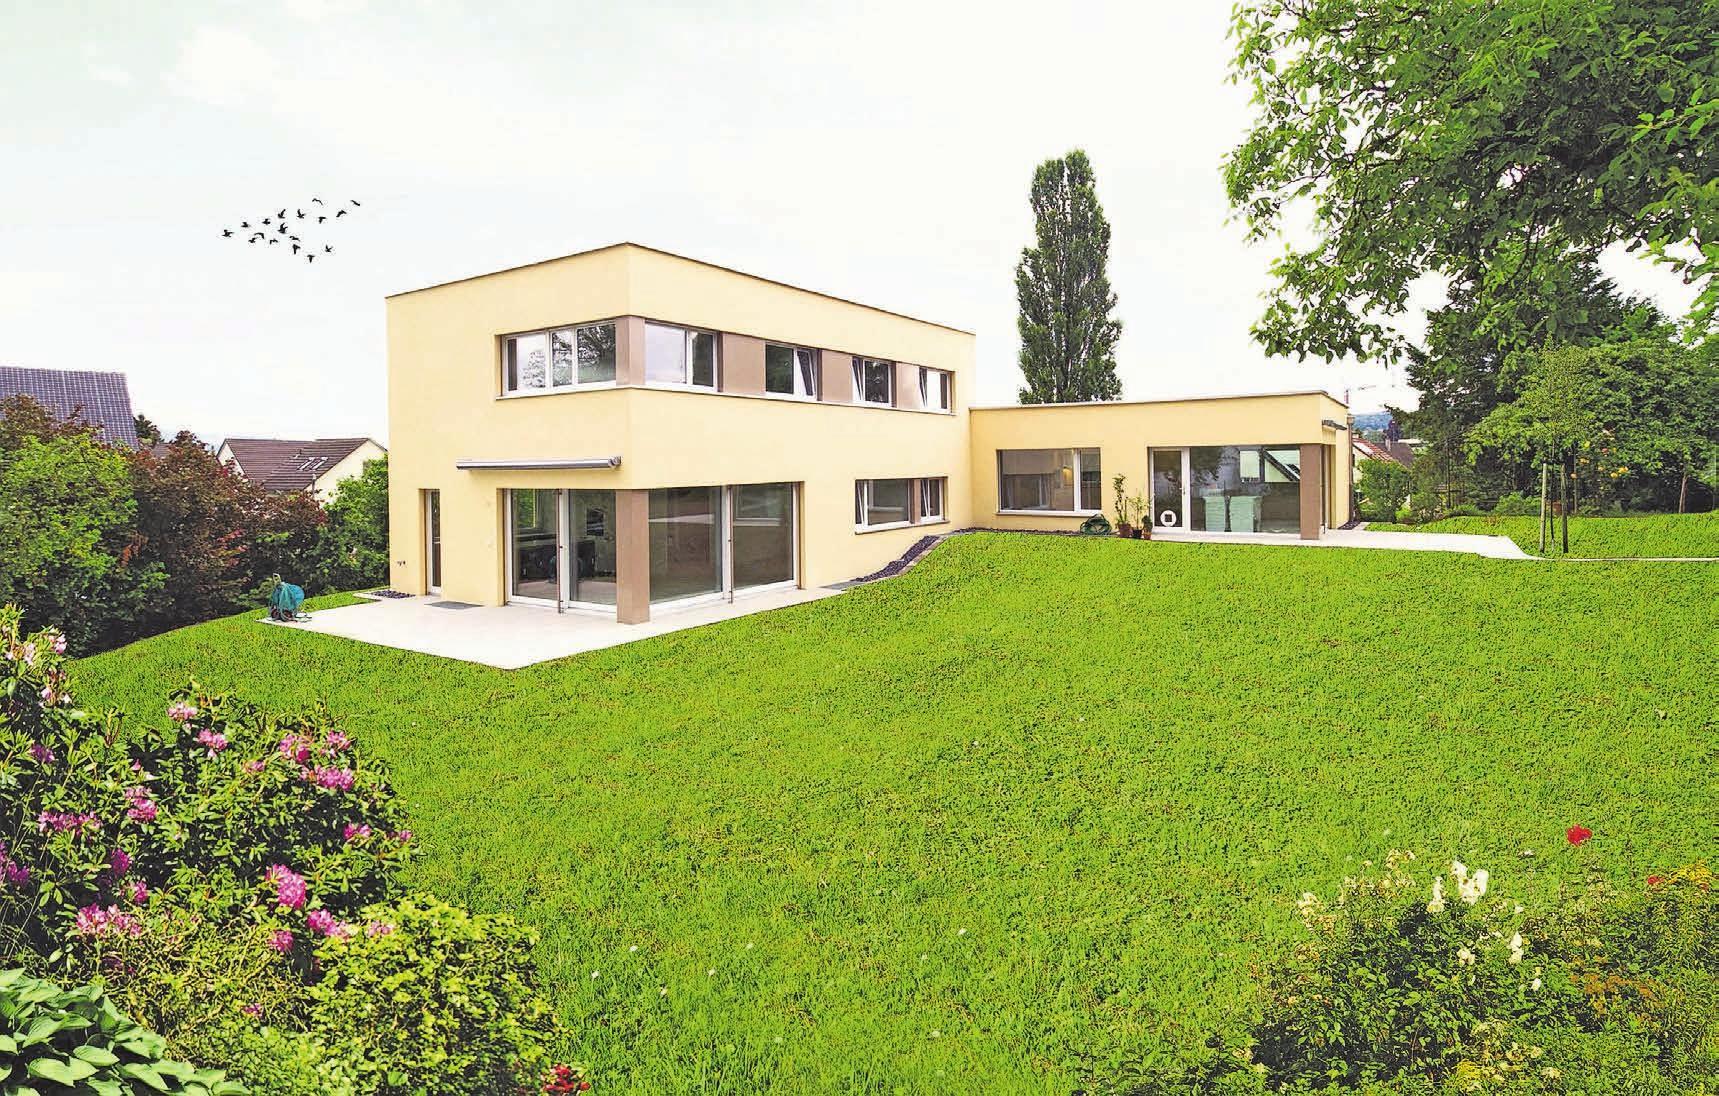 Räumlich nahe und doch getrennt: Das zweiflüglige Gebäude ist ein Mehrgenerationenhaus. Jede Generation hat ihren eigenen Bereich. Bild: D